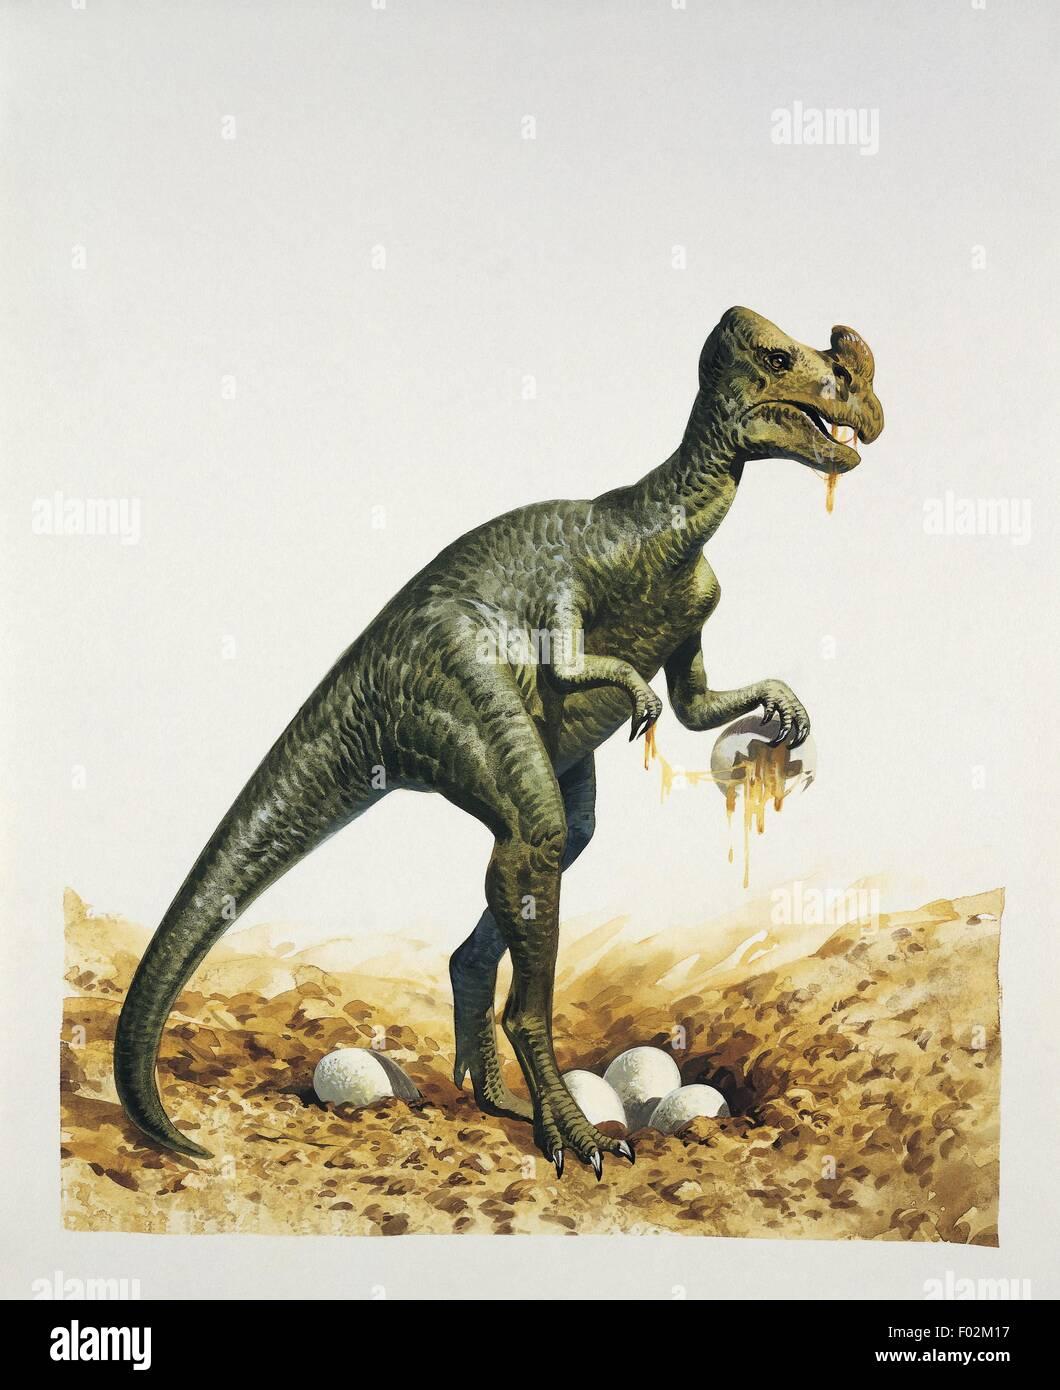 Palaeozoology - Upper Cretaceous - Dinosaur - Oviraptor (illustration by  John Francis) - Stock Image